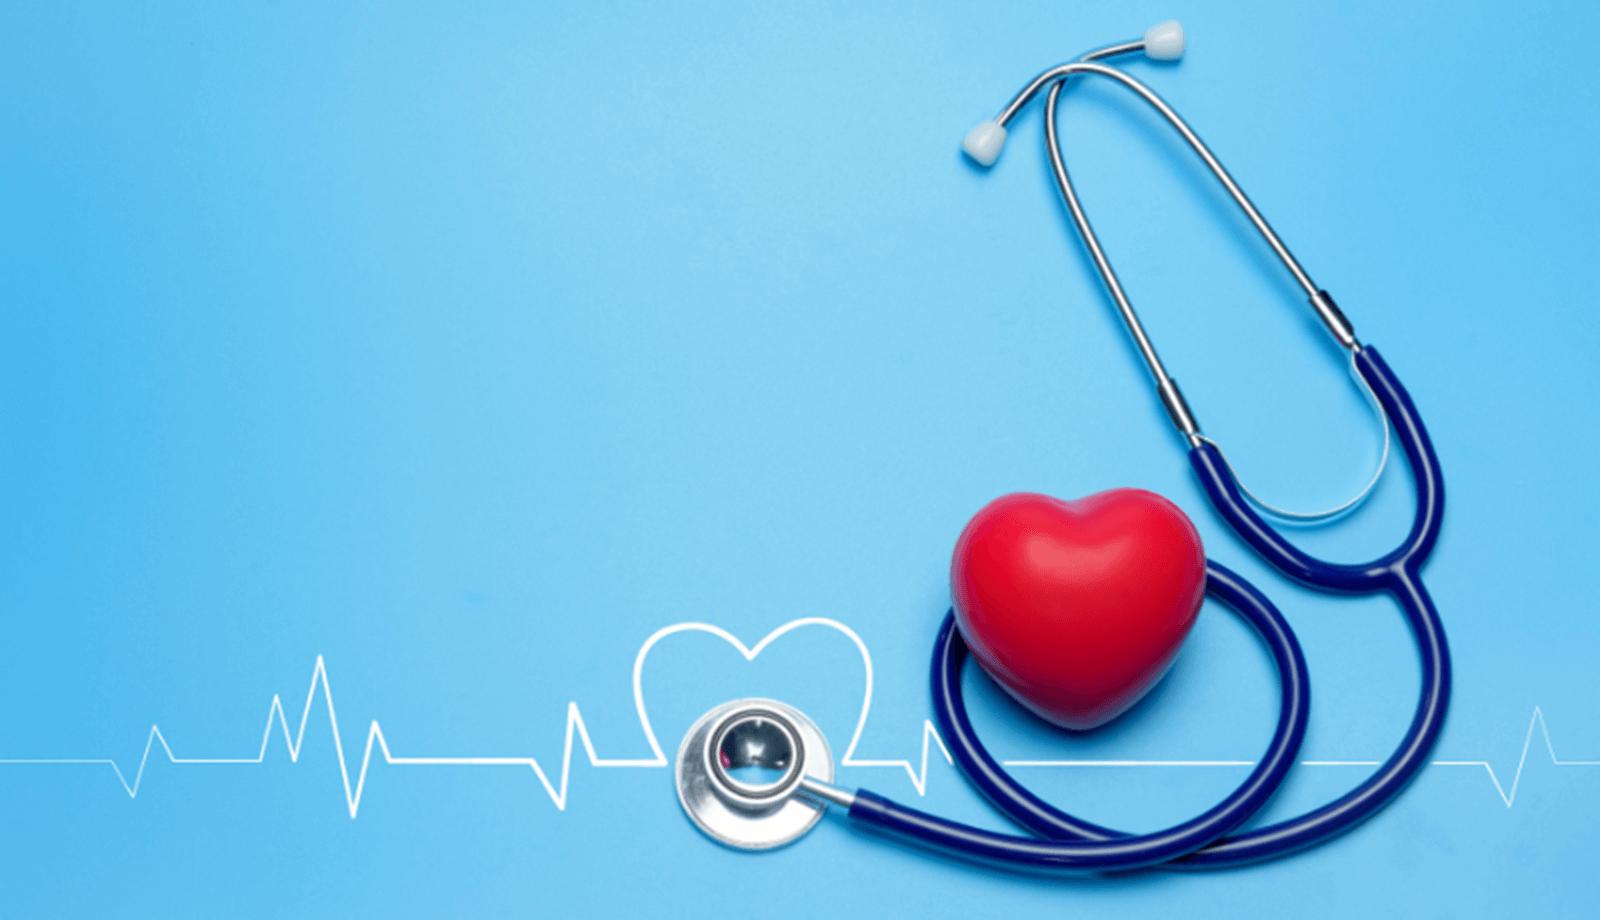 Hogyan keseríti meg életünket a magas vérnyomás?